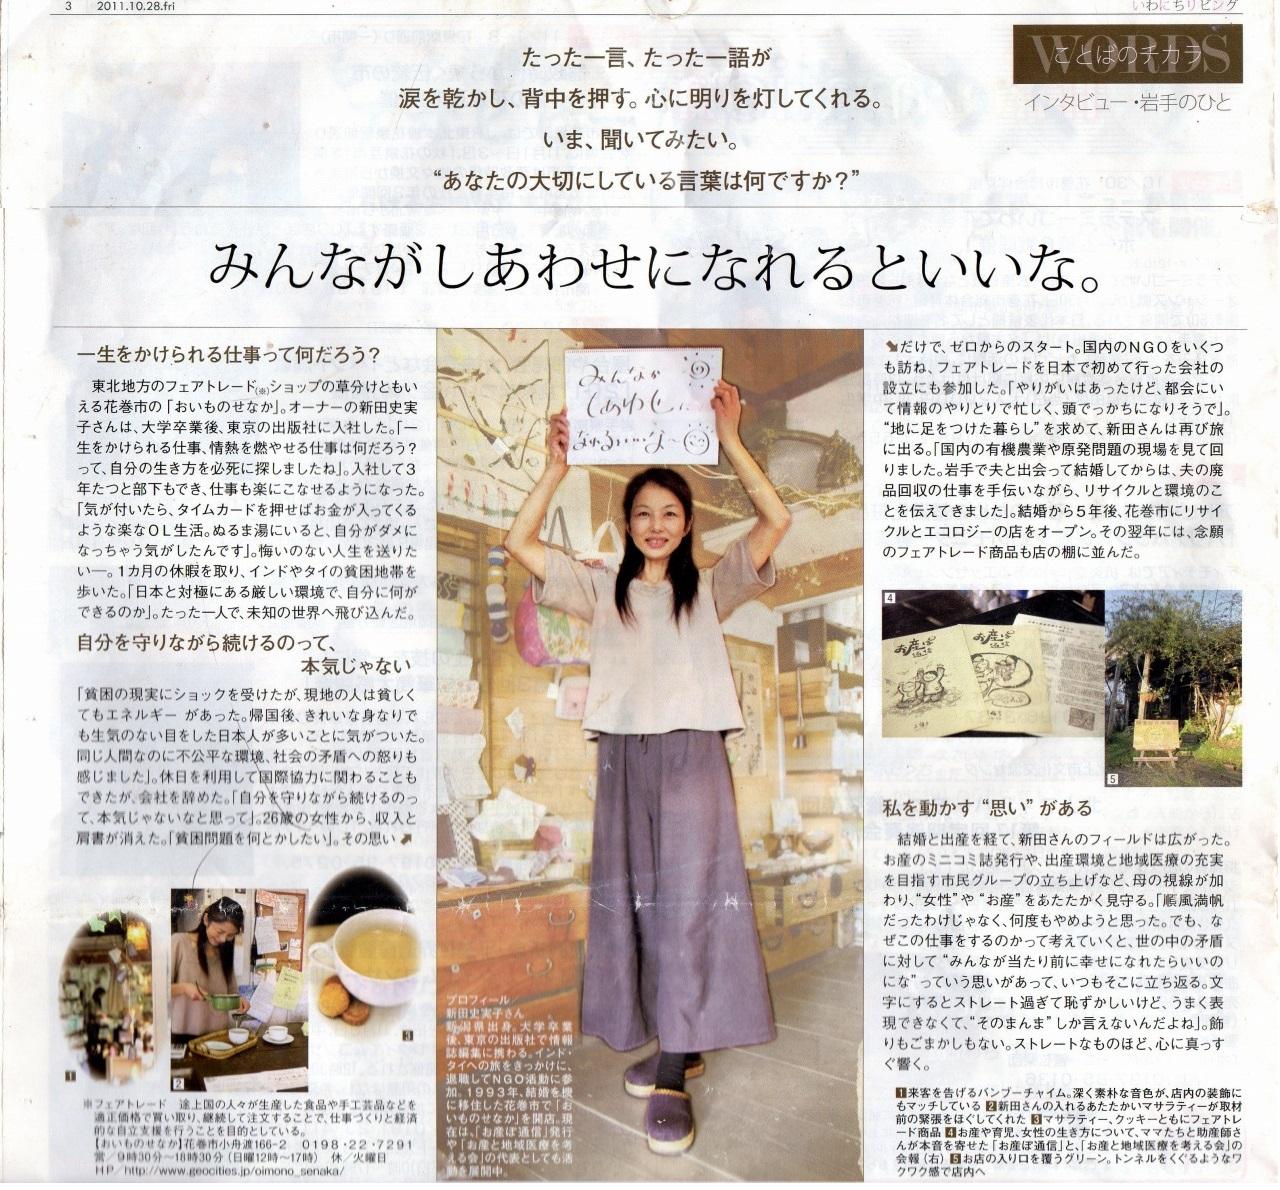 2011.10.28.いわにちリビング